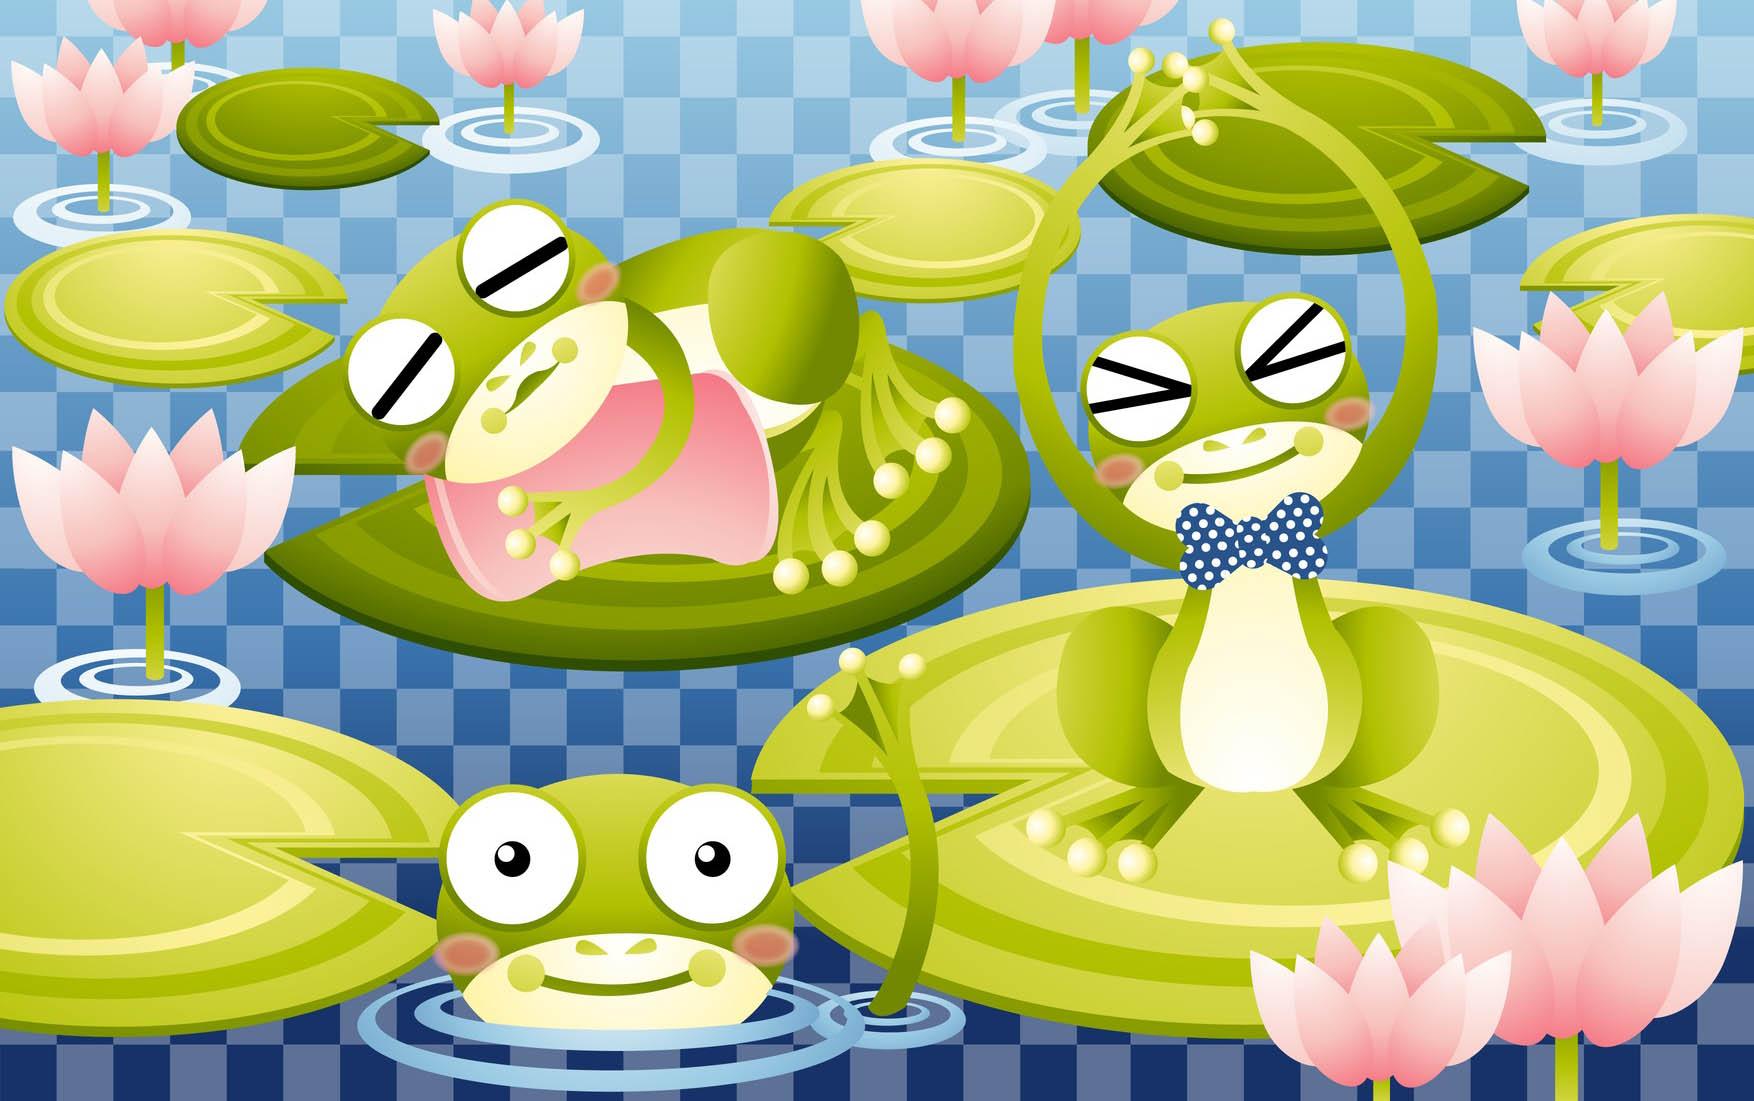 Azimli Üç Kurbağa